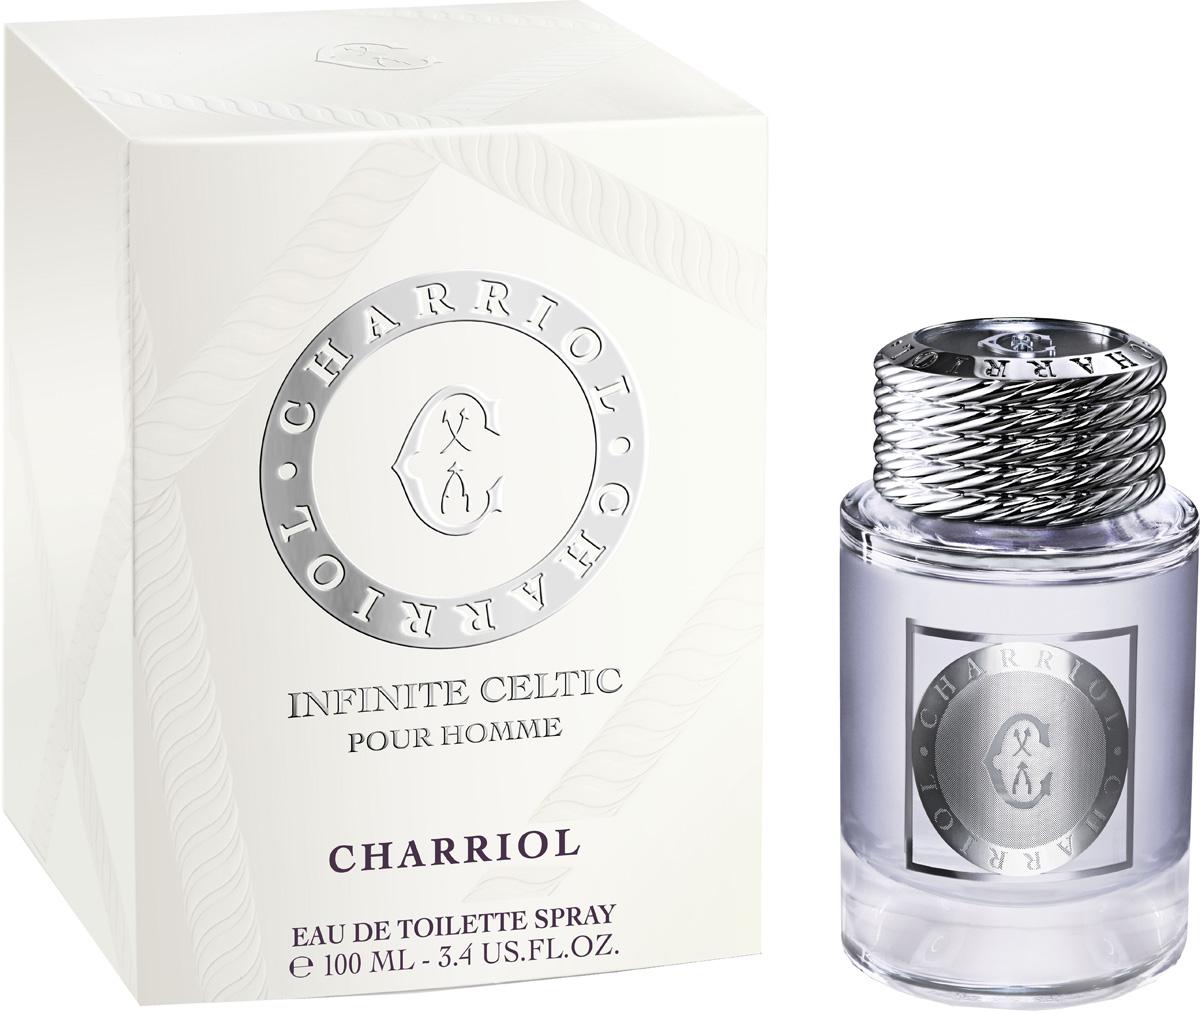 Les Parfums Charriol Infinite Celtic Pour Homme Туалетная вода женская, спрей, 100 мл718003Кельтская цивилизация, которая подарила человечеству знаменитое украшение Торквес – центральную концепцию бренда, послужила вдохновением для создания INFINITE CELTIC POUR HOMME. Рожденный внутри вселенной Charriol, новый аромат INFINITE CELTIC POUR HOMME воплощает уникальное соединение современной маскулинности в мире часовых изделий и мотива кельтских узоров. Этот аромат создан для городских, элегантных и активных мужчин, которые любят качественные и изысканные ноты, без хвастовства.